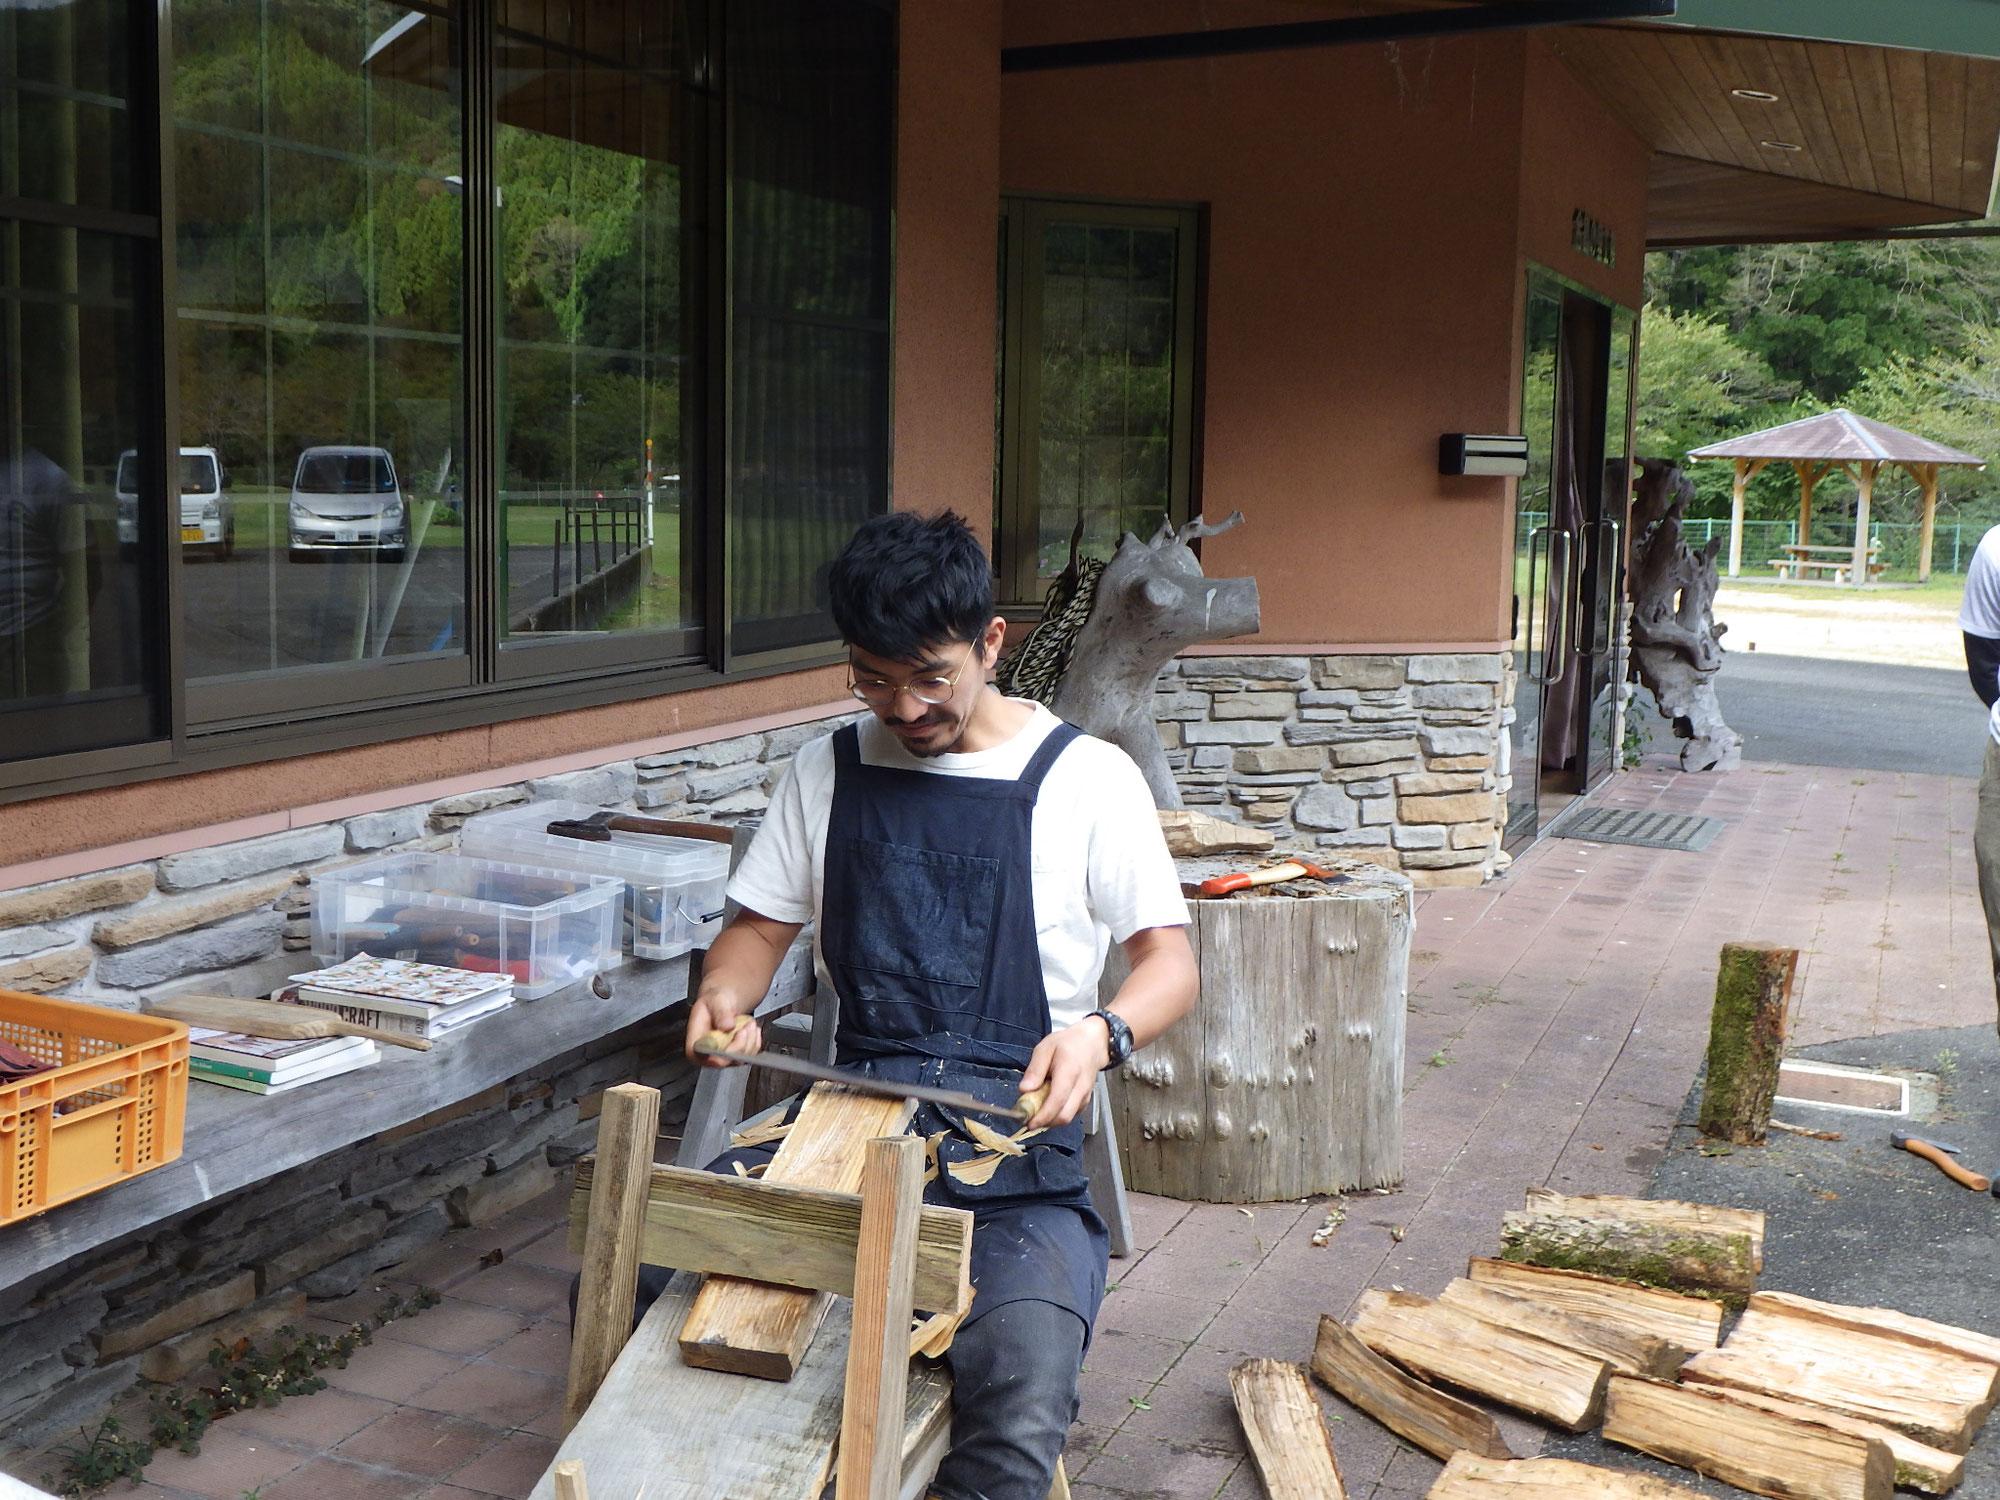 週末森びと養成講座/「グリーンウッドワーク編/削り馬とドローナイフを使って、木べら&カッティングボード作り」